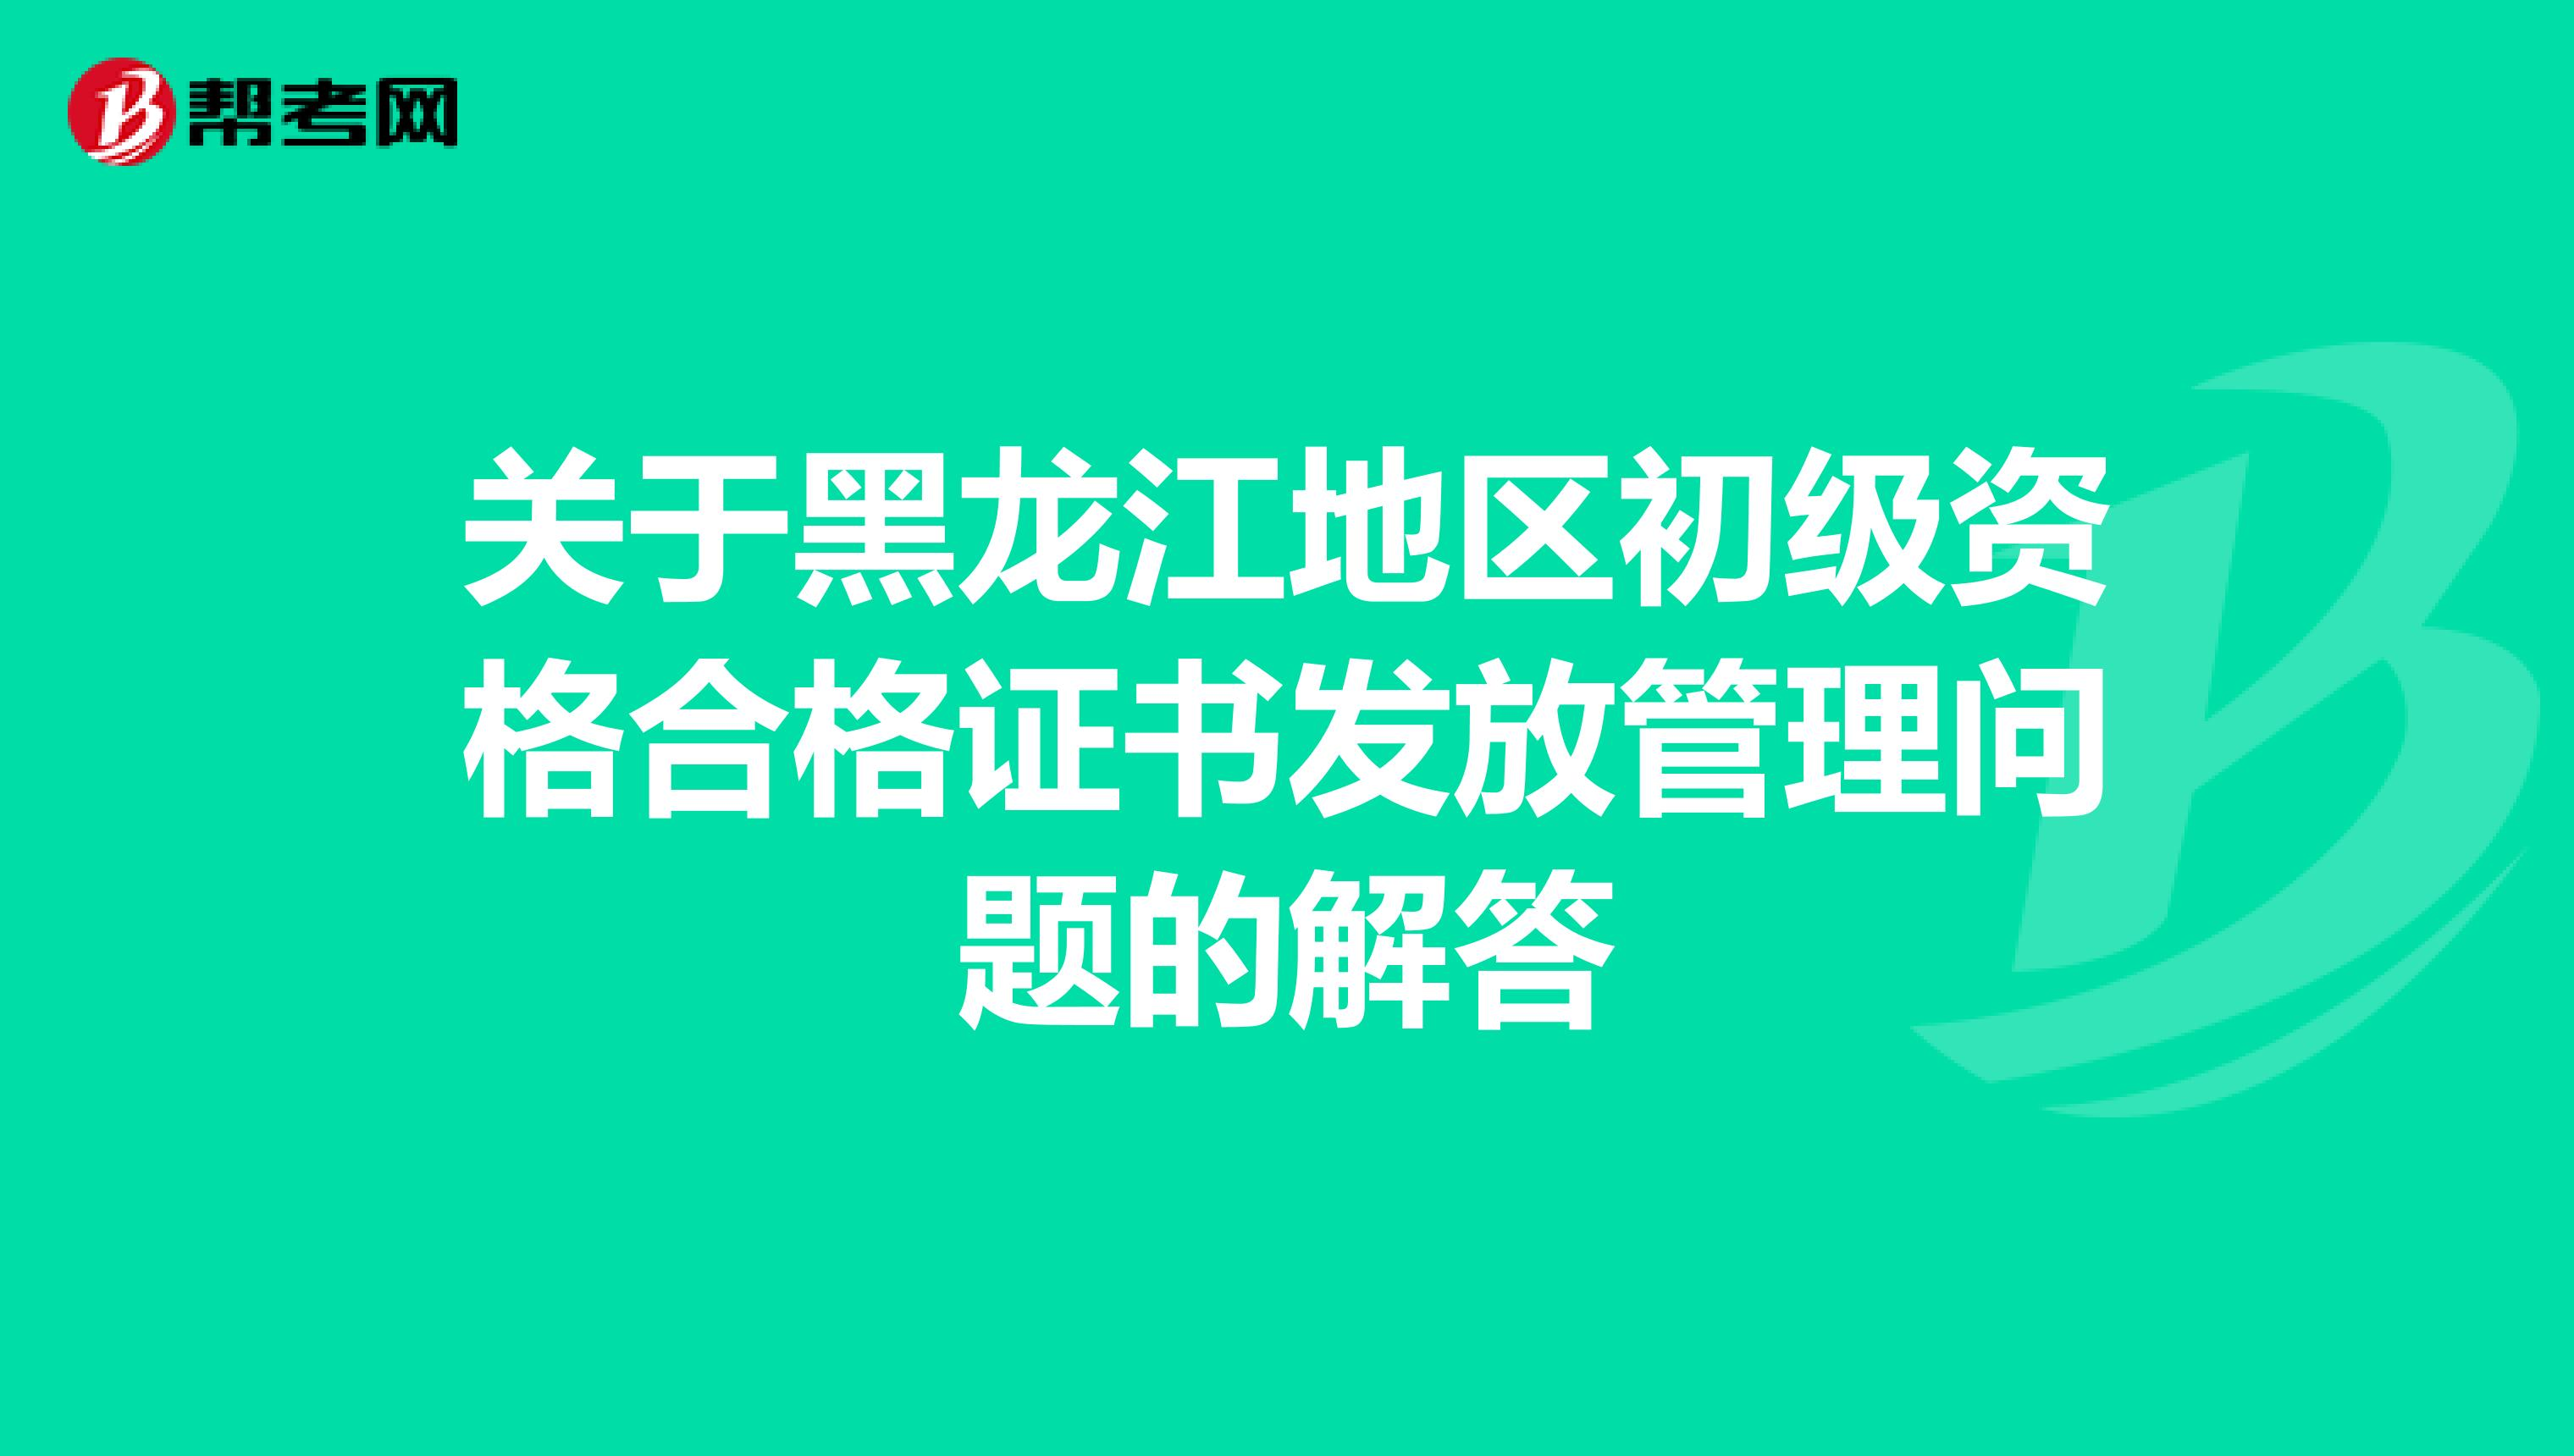 关于黑龙江地区初级资格合格证书发放管理问题的解答